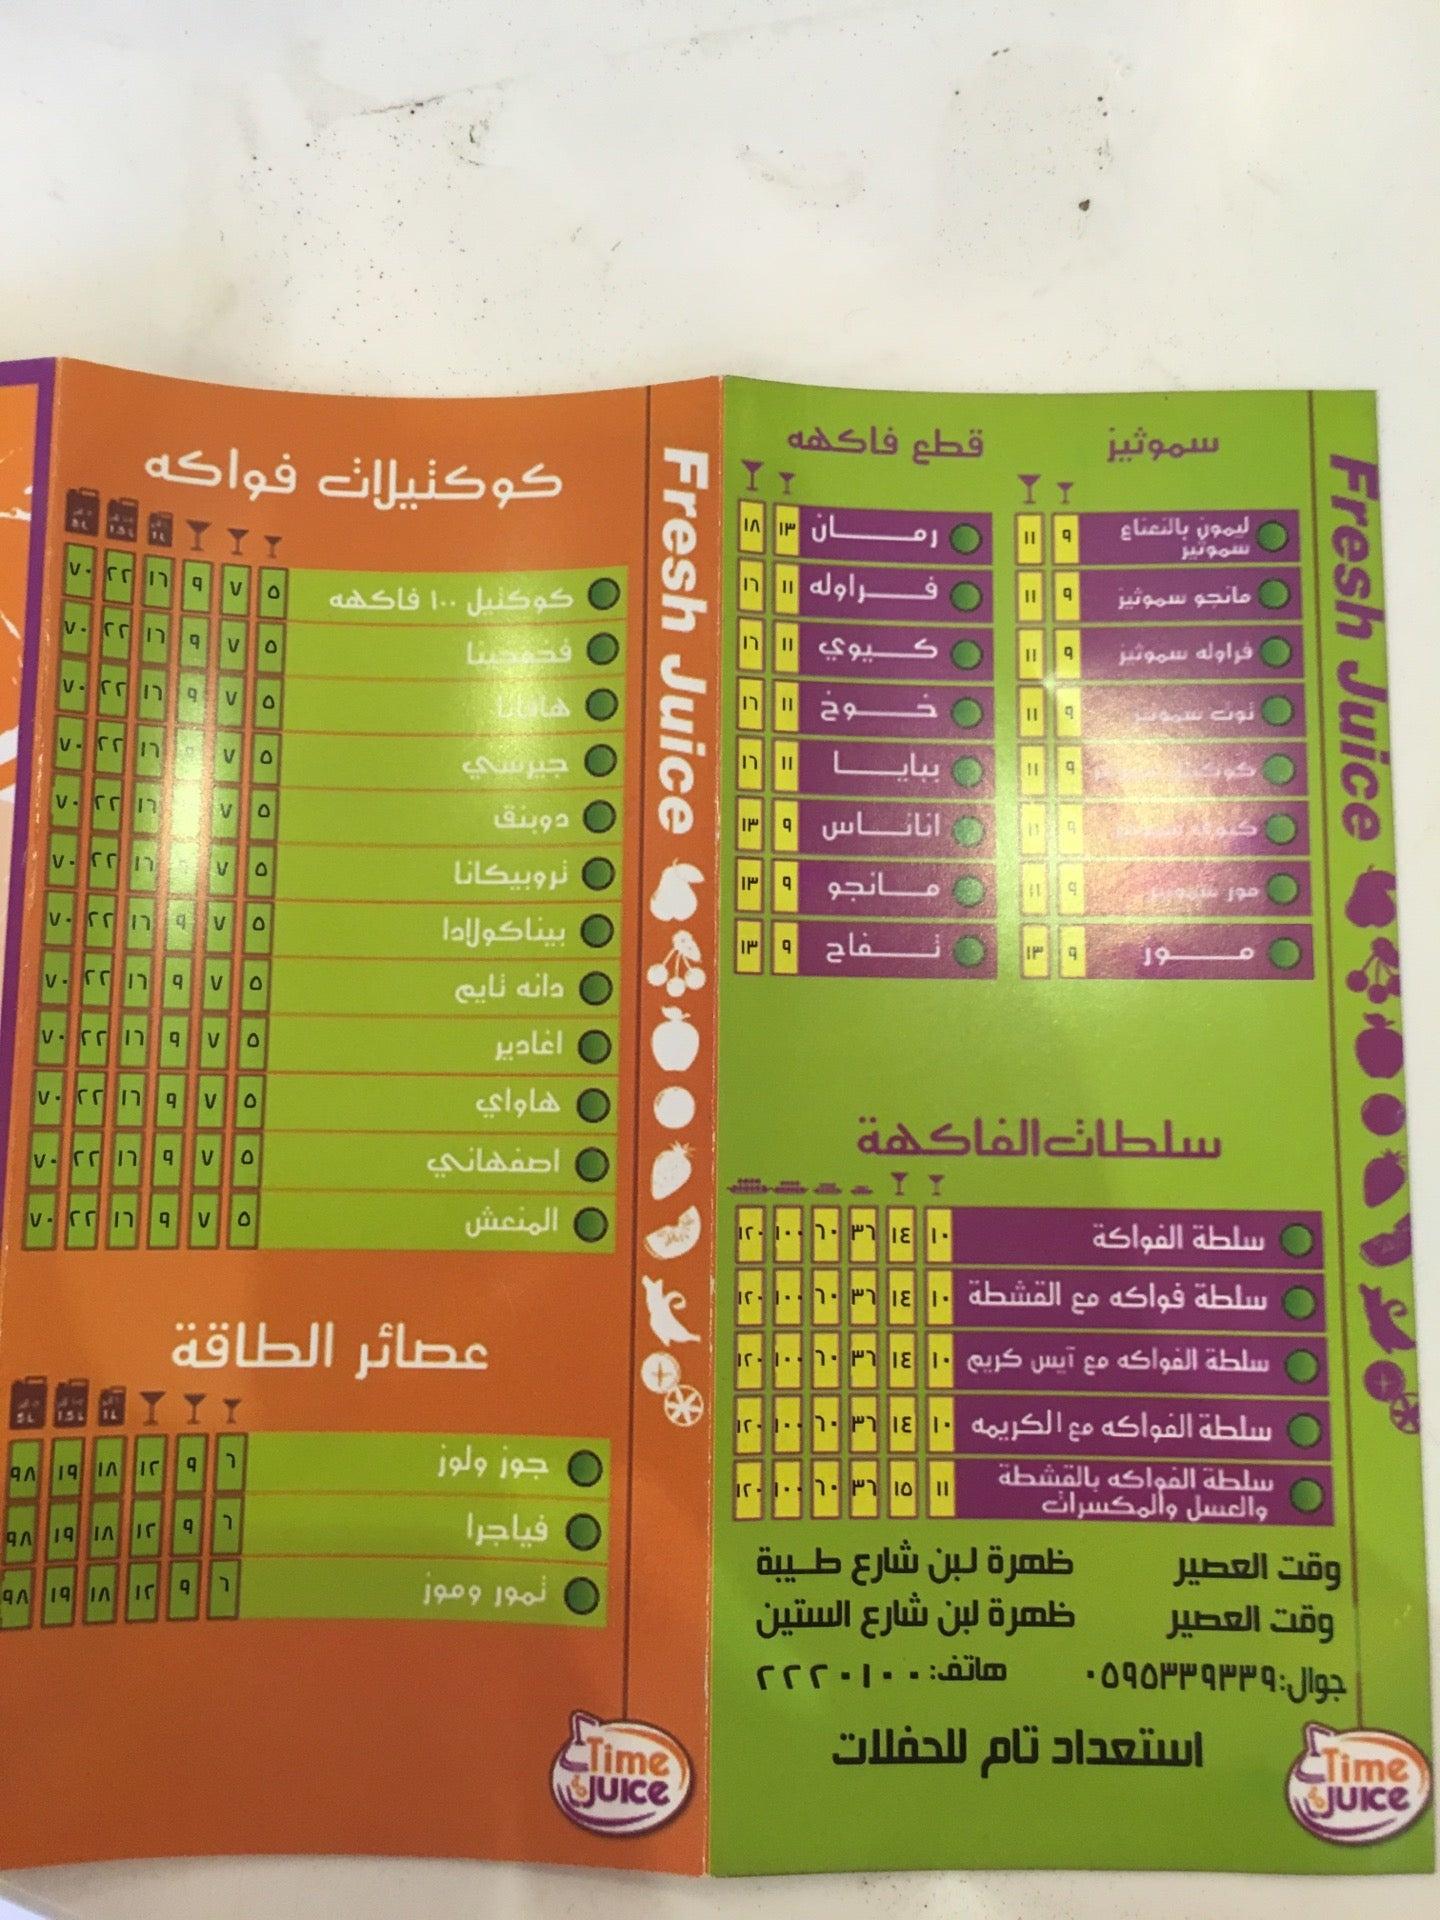 كافيه وقت العصير بالرياض السعر المنيو العنوان كافيهات و مطاعم الرياض